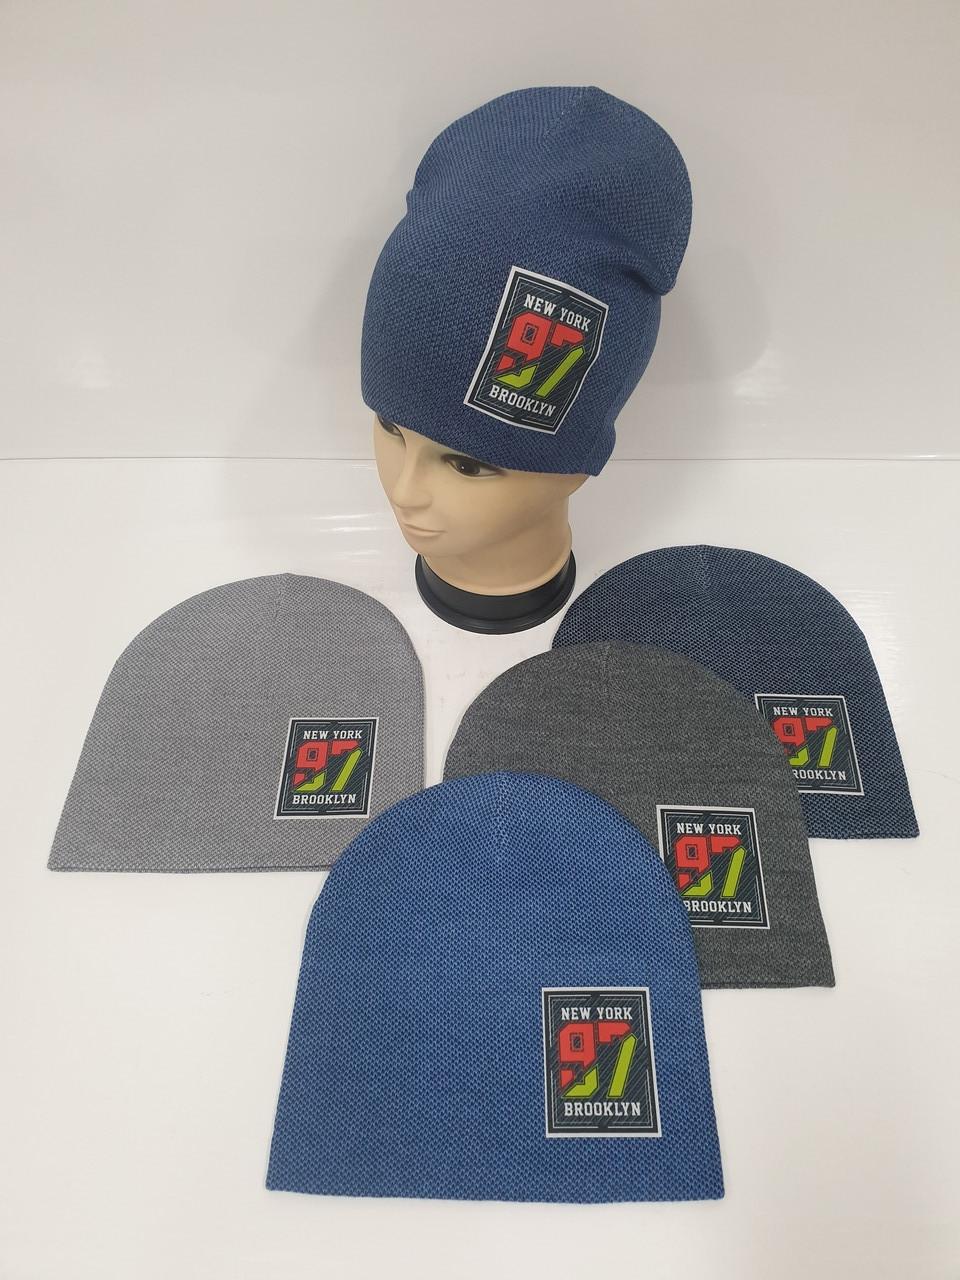 Детские демисезонные вязаные шапки для мальчиков оптом, р.50-52, ANPA (Польша)